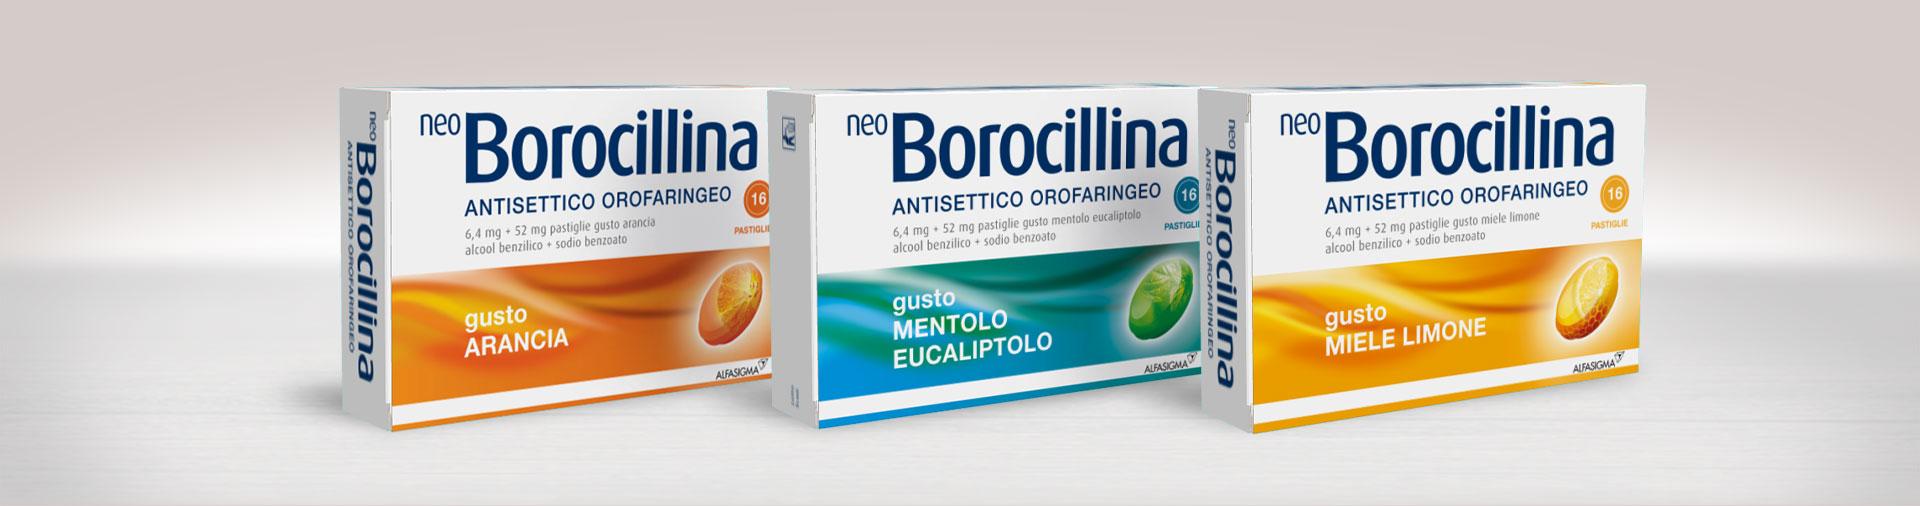 NeoBorocillina Antisettico Orofaringeo